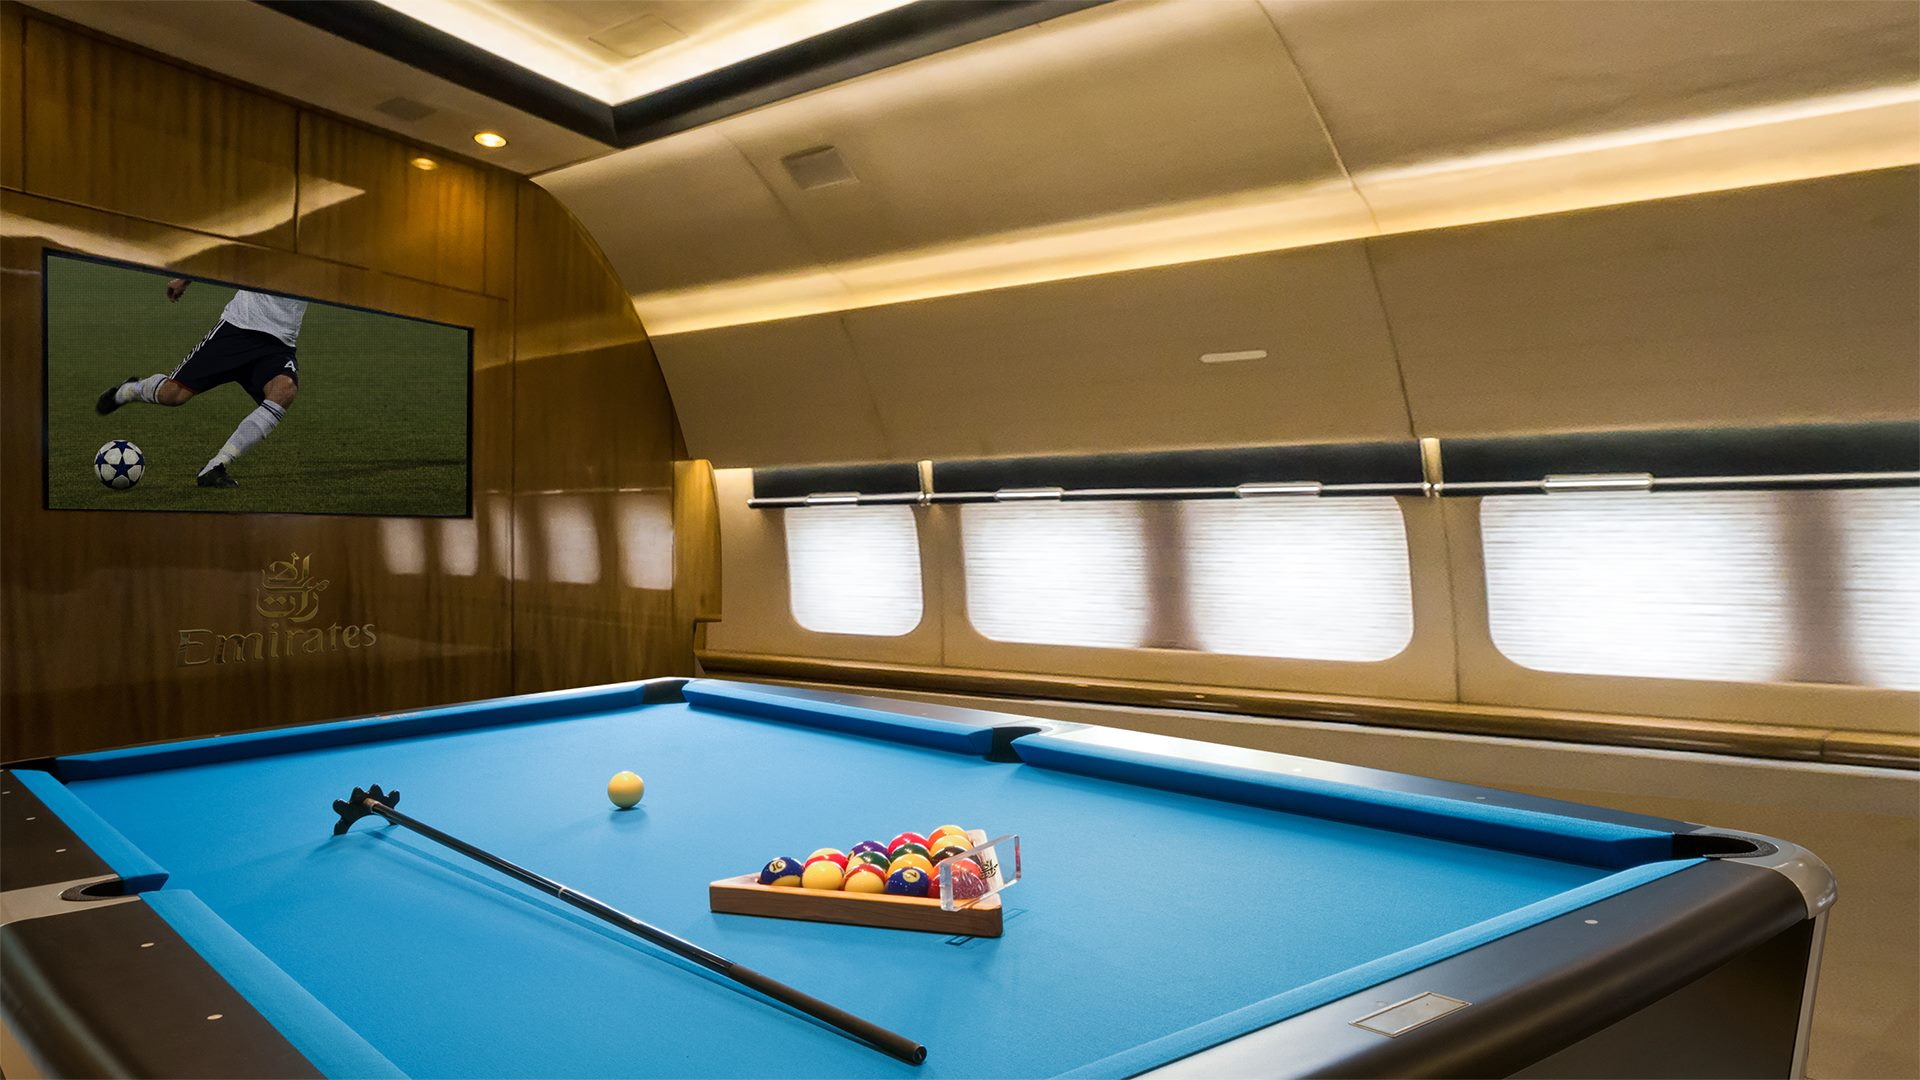 Emirates запустит трехэтажный лайнер с бассейном и парком